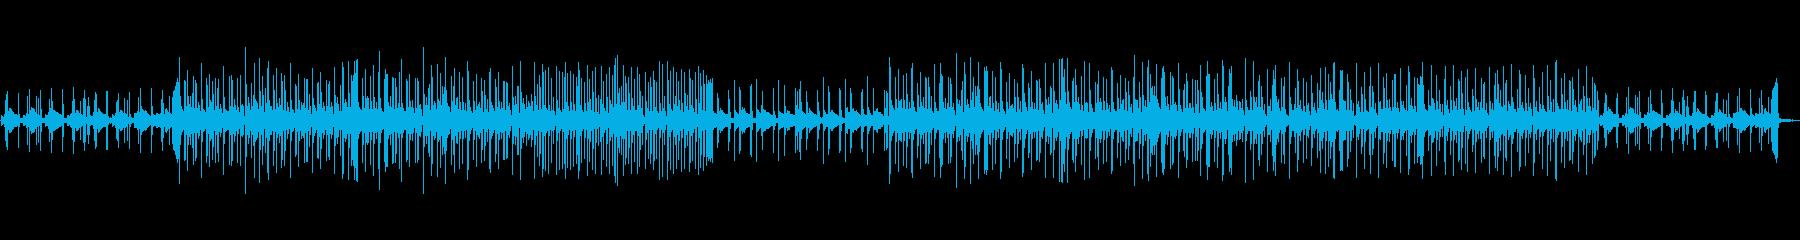 哀愁・チルアウト・切ない・ヒップホップの再生済みの波形